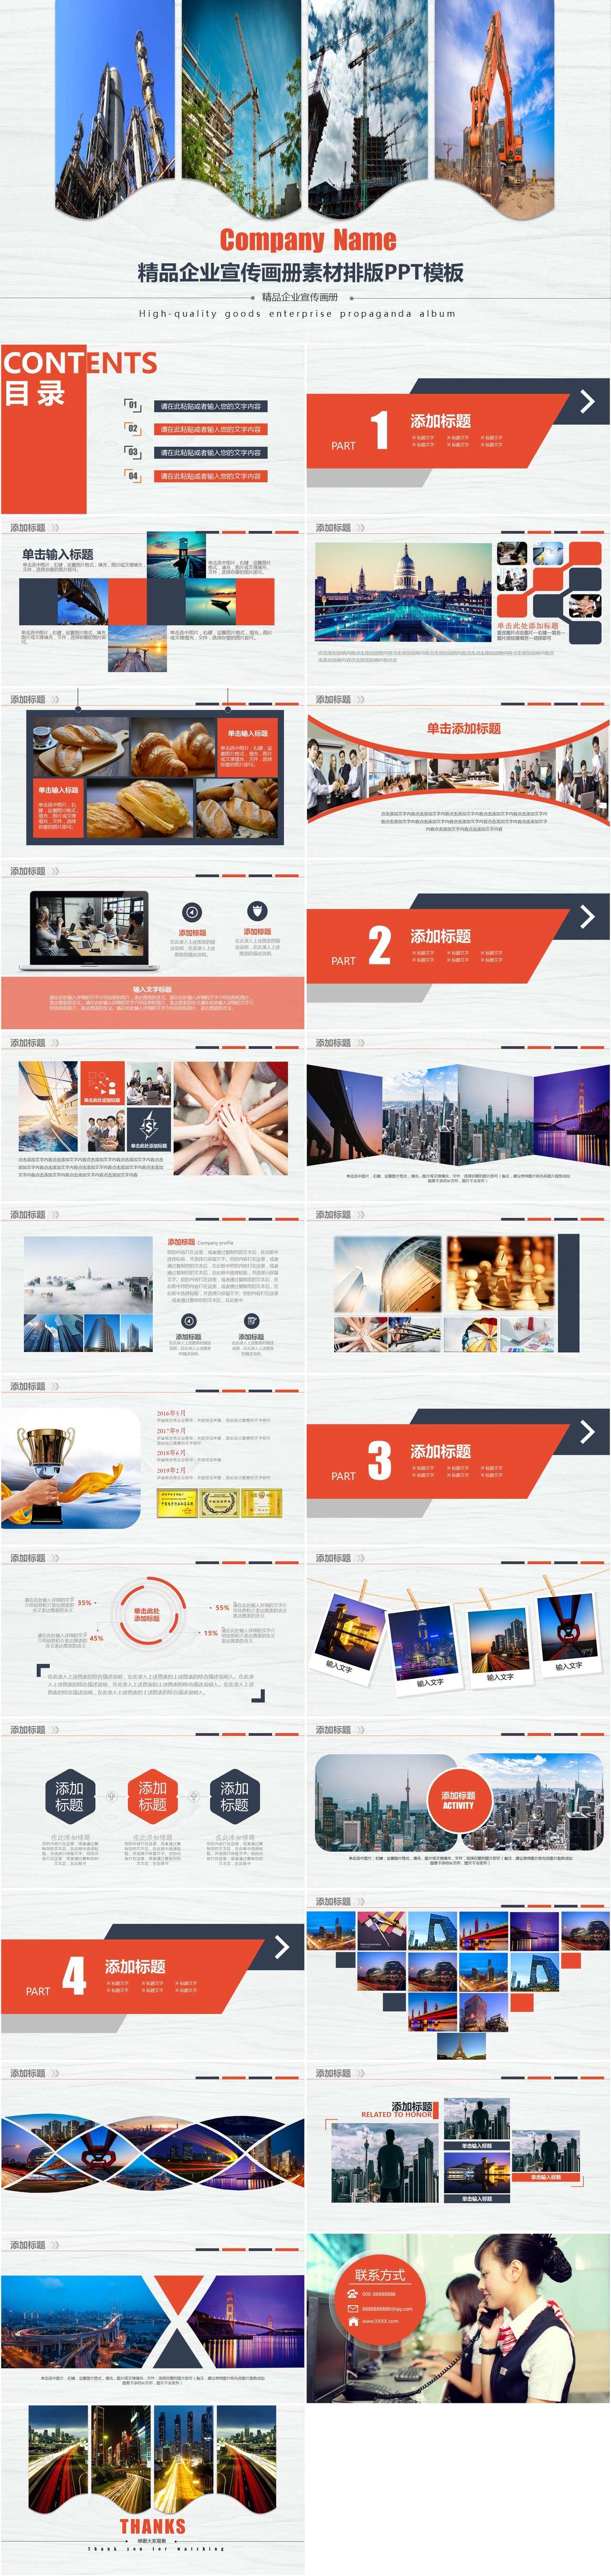 欧美风企业宣传画册图片展示PPT模板插图1